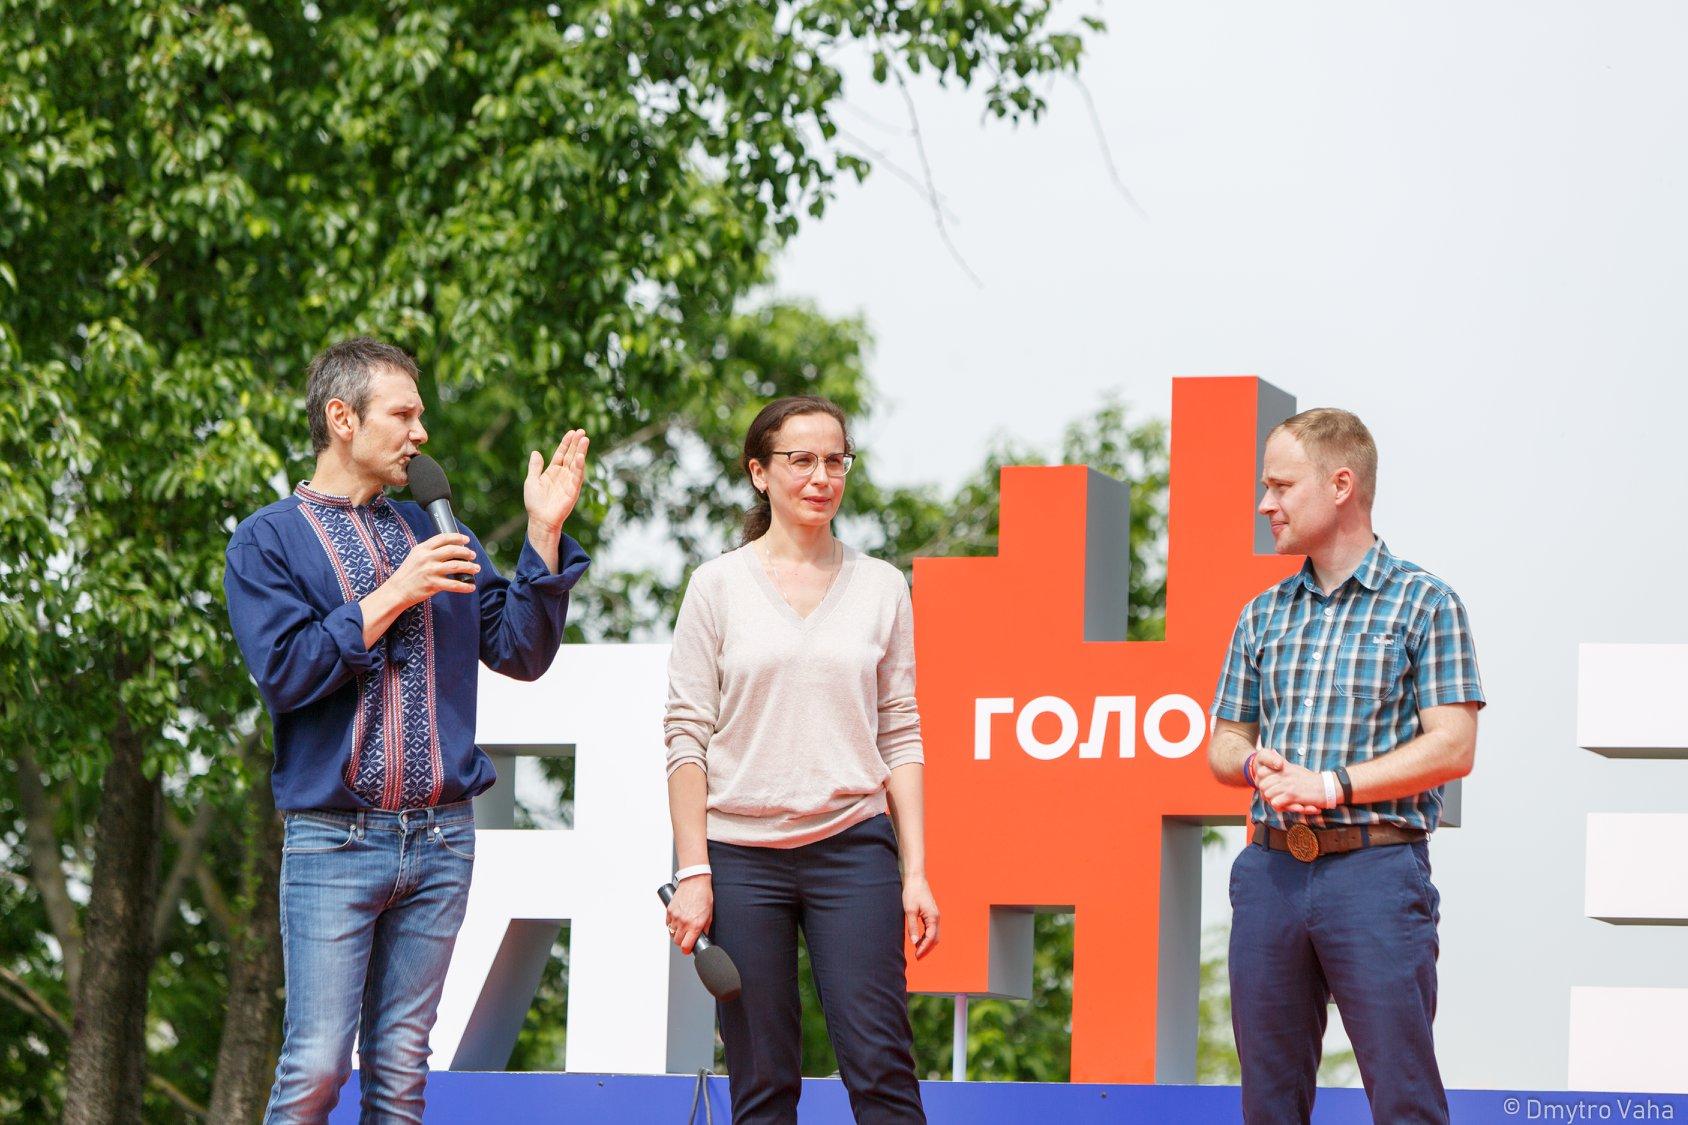 Голосно ще буде: Ярослав Юрчишин про «слуг», Зеленського, Вакарчука і команду «Голосу» на Франківщині 4